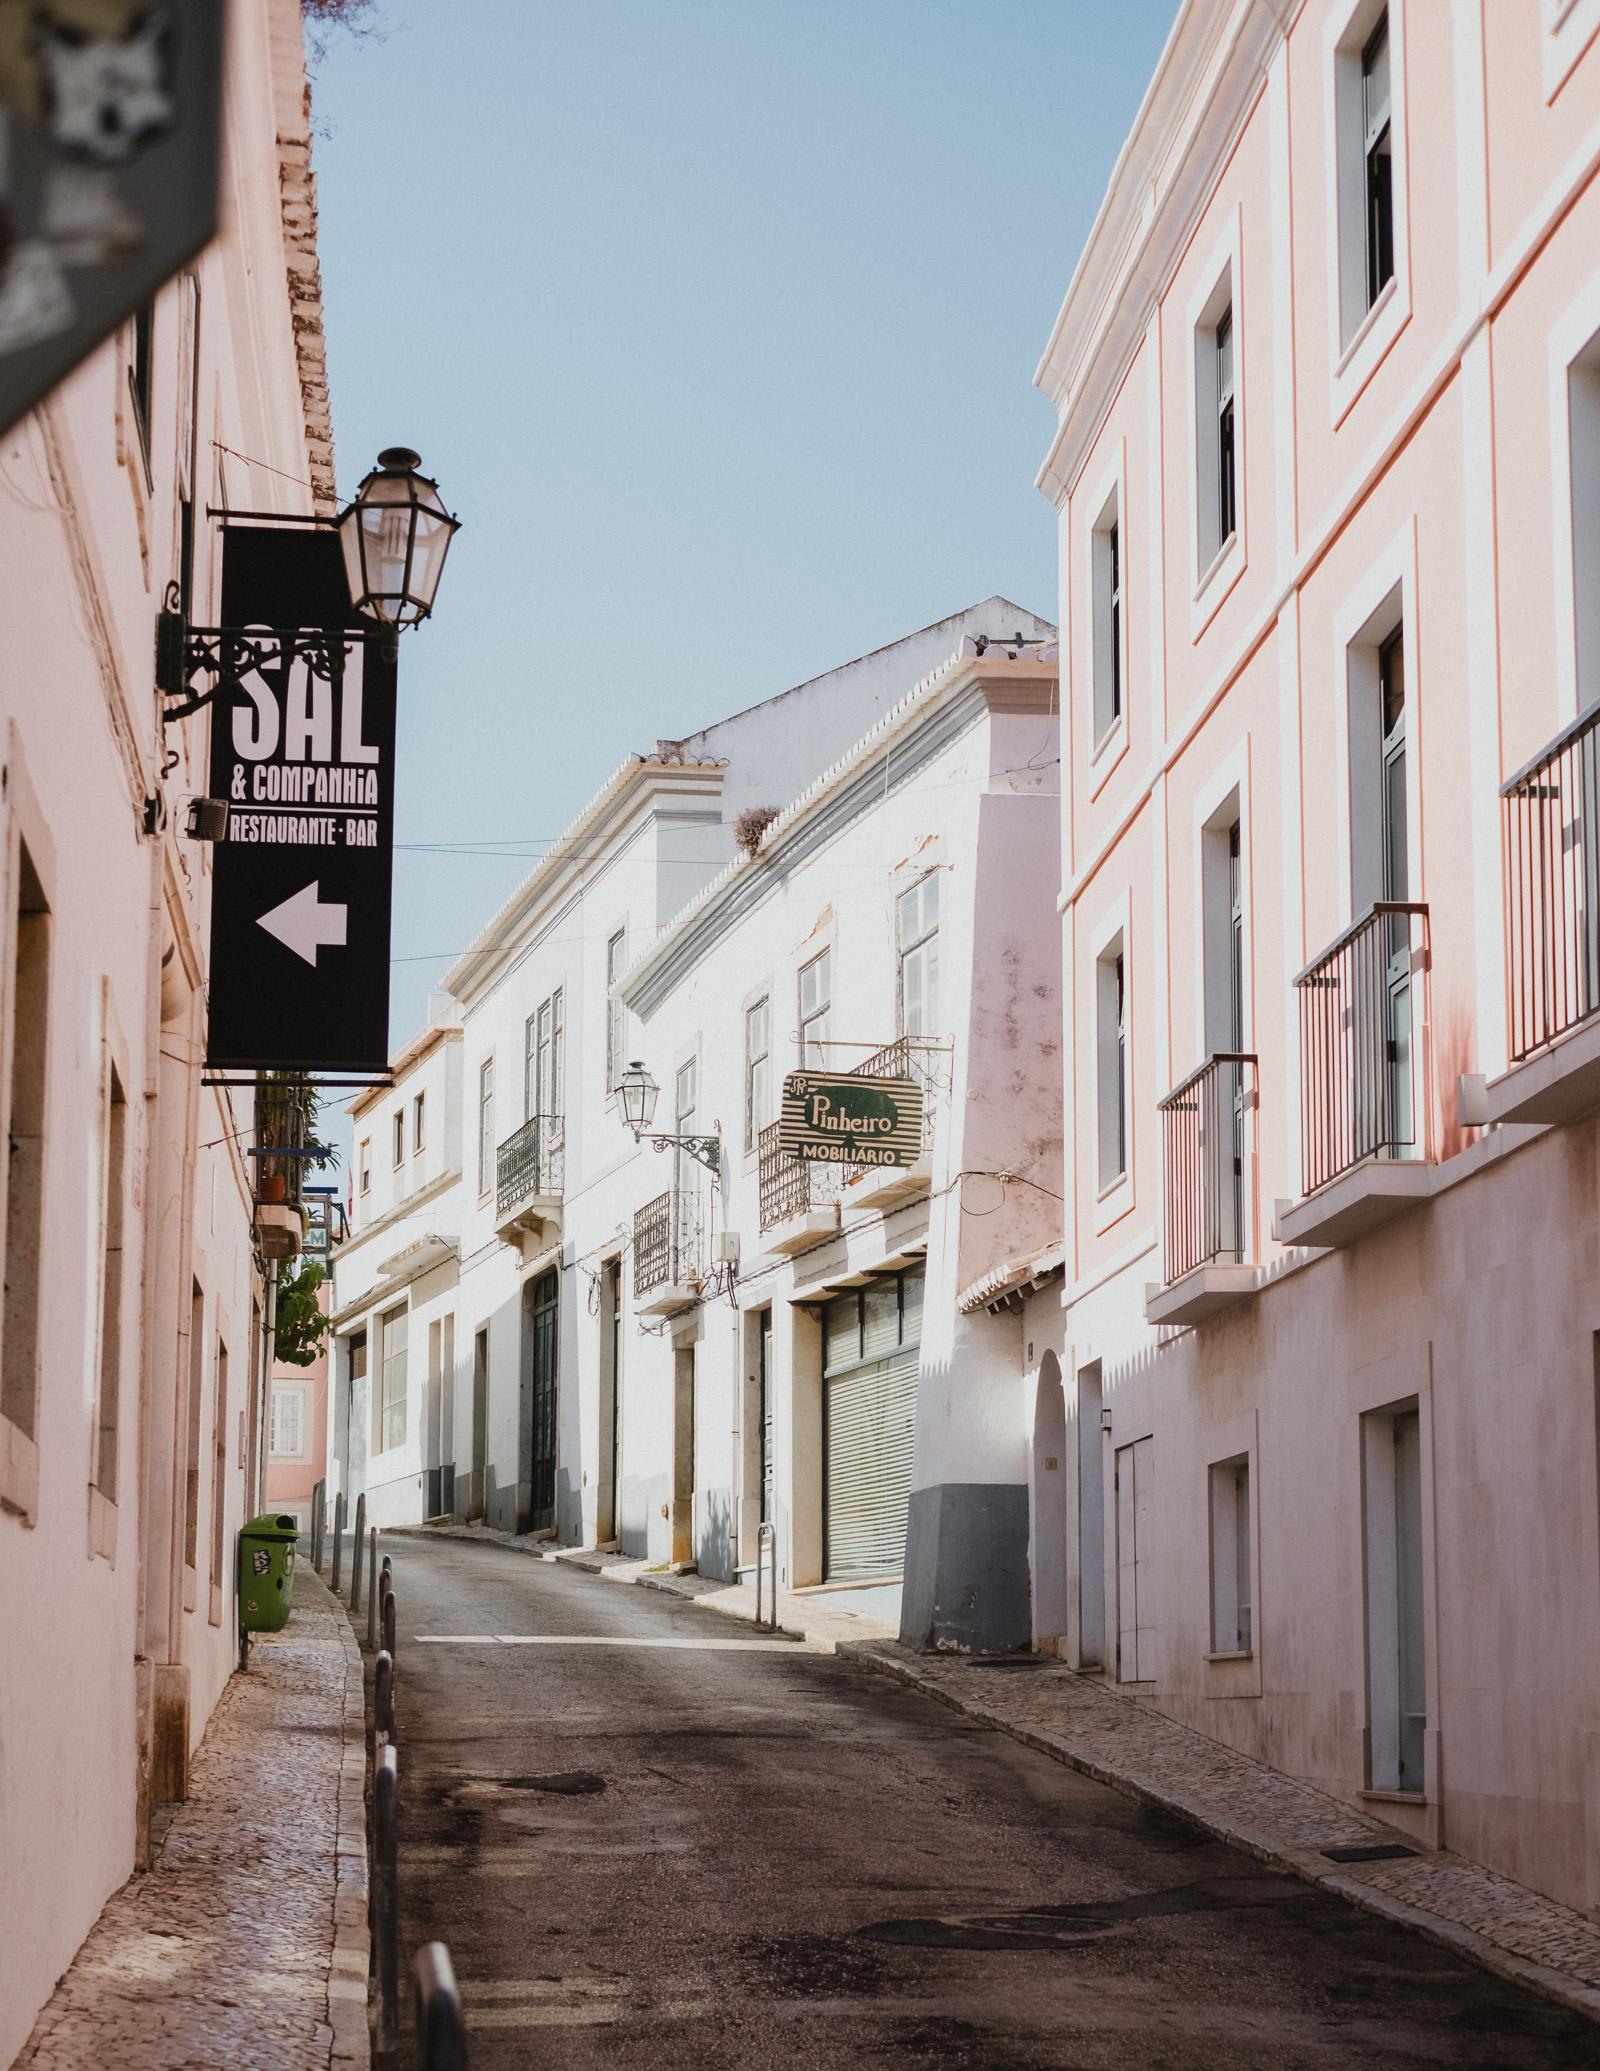 portugal-pink-alleyway.jpg